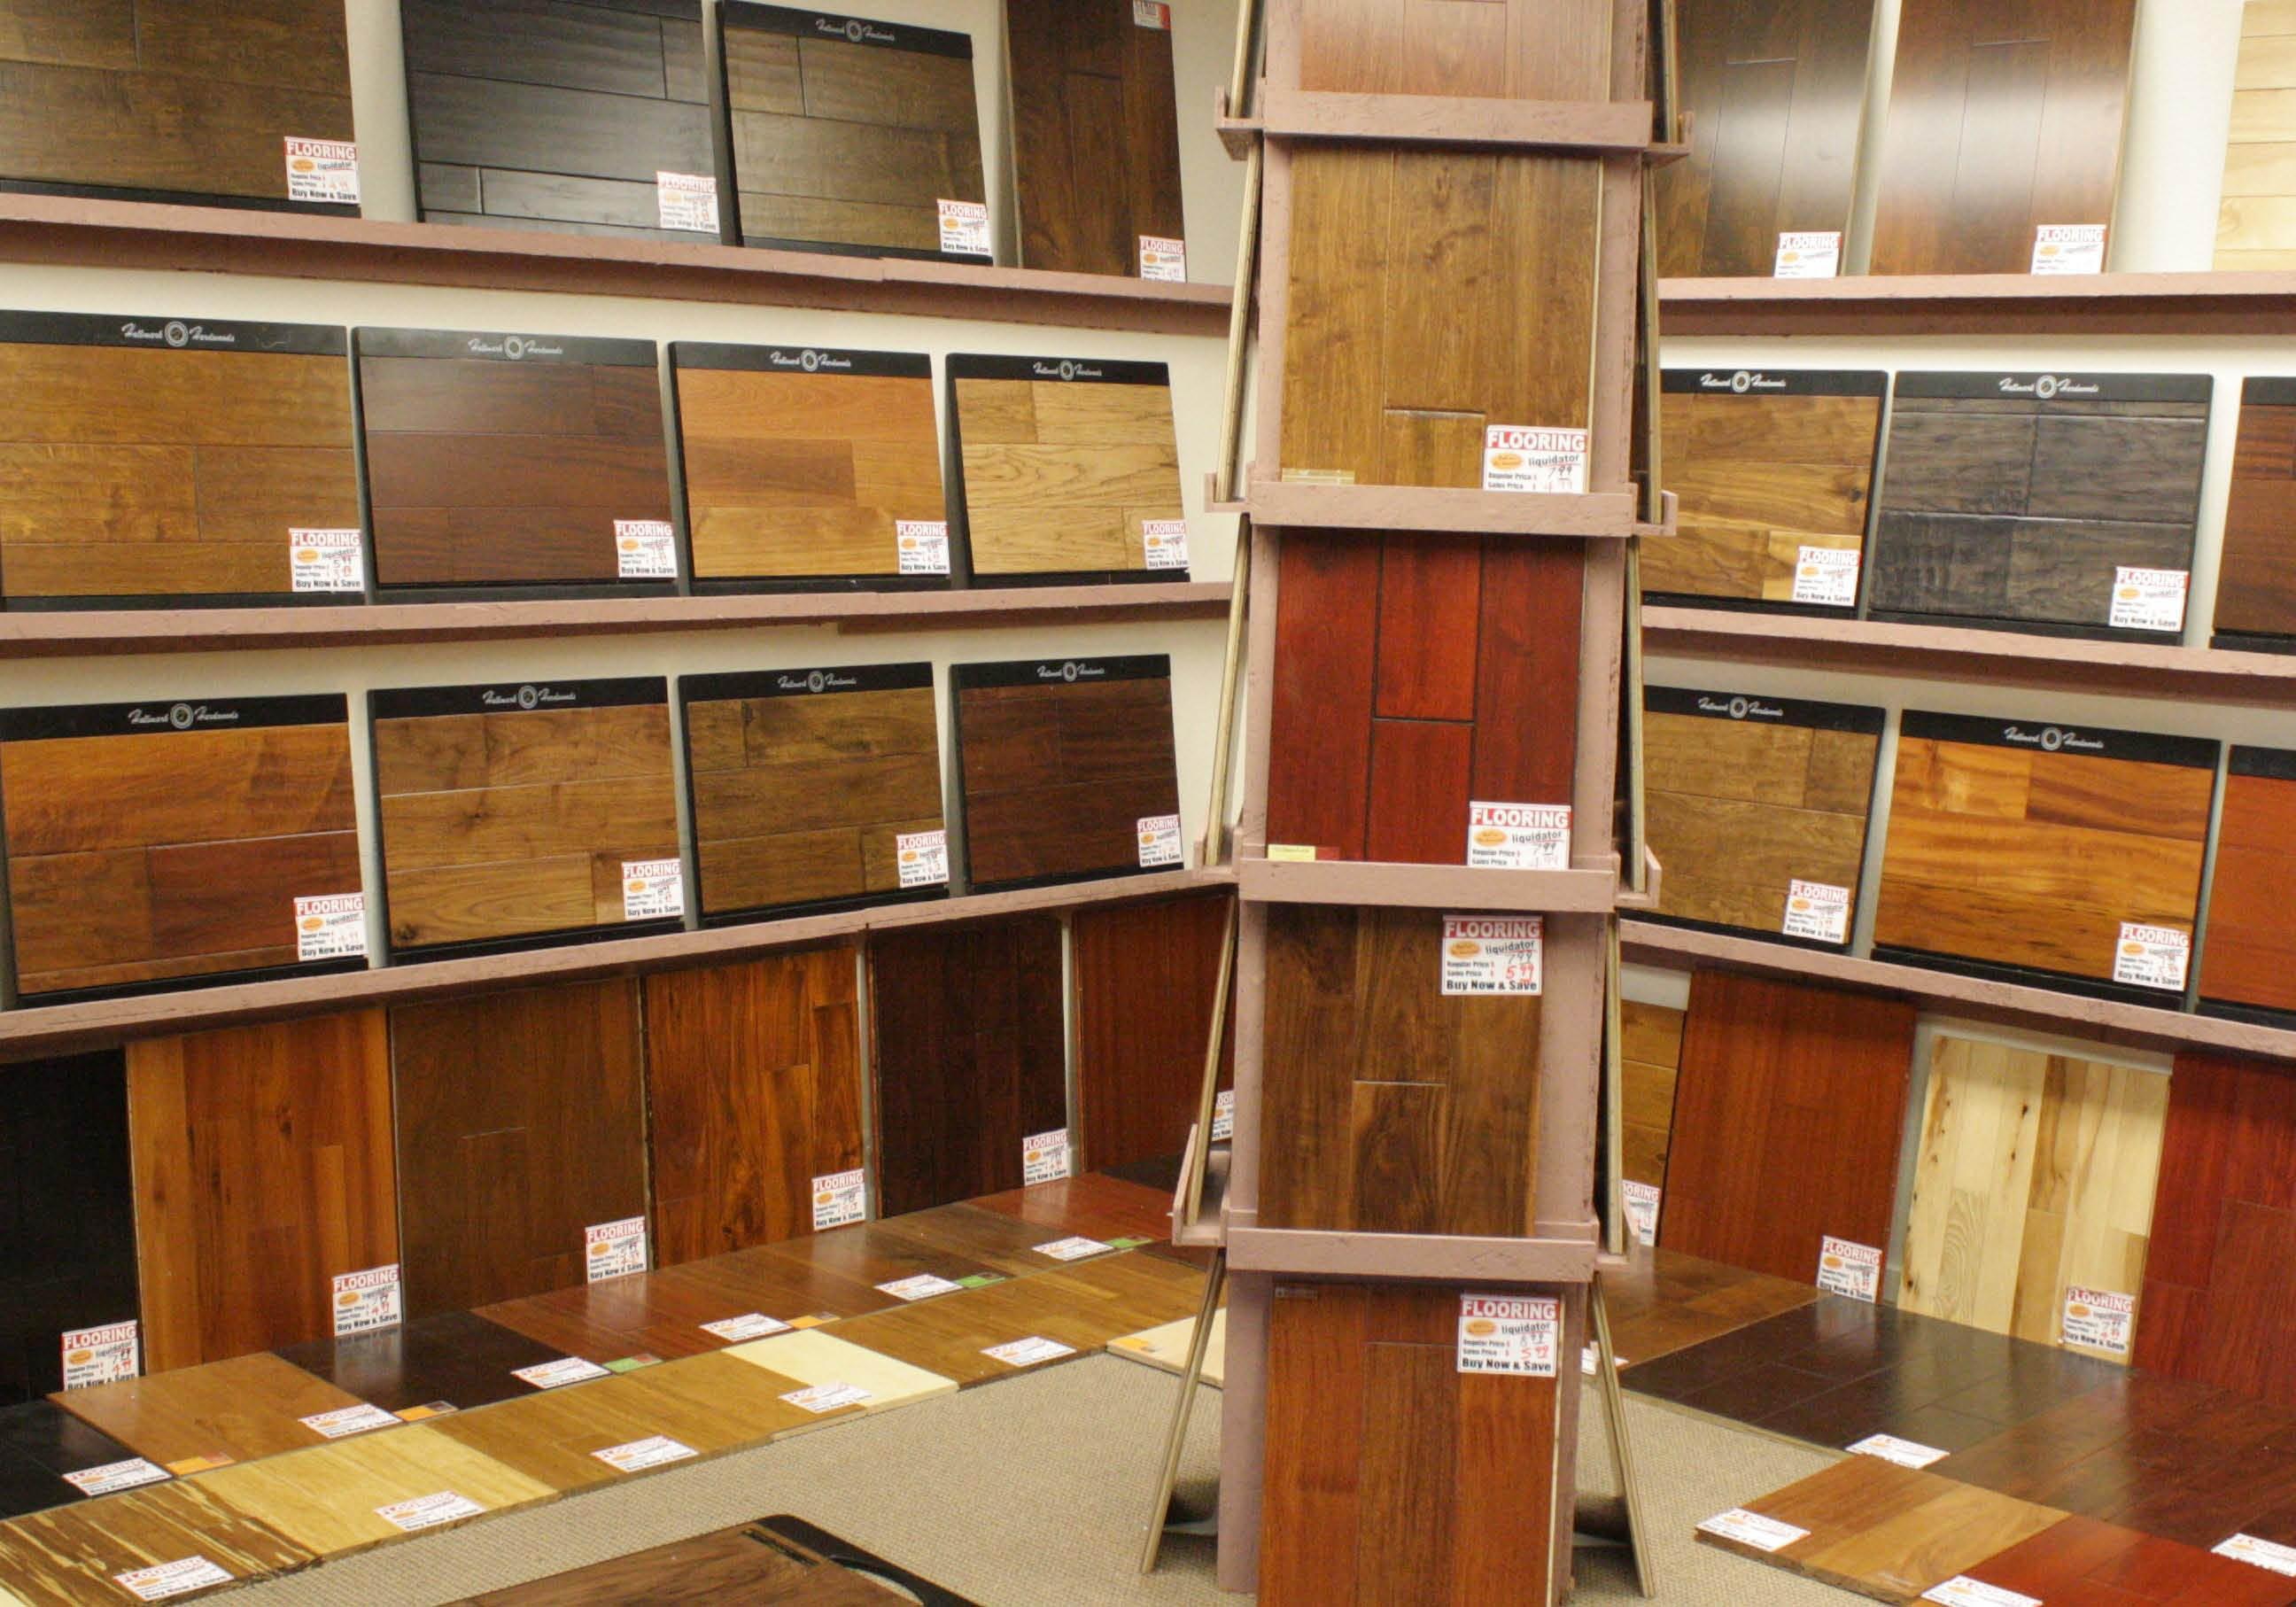 hardwood orem, installation orem, carpet orem, remodel orem, cabinetry orem